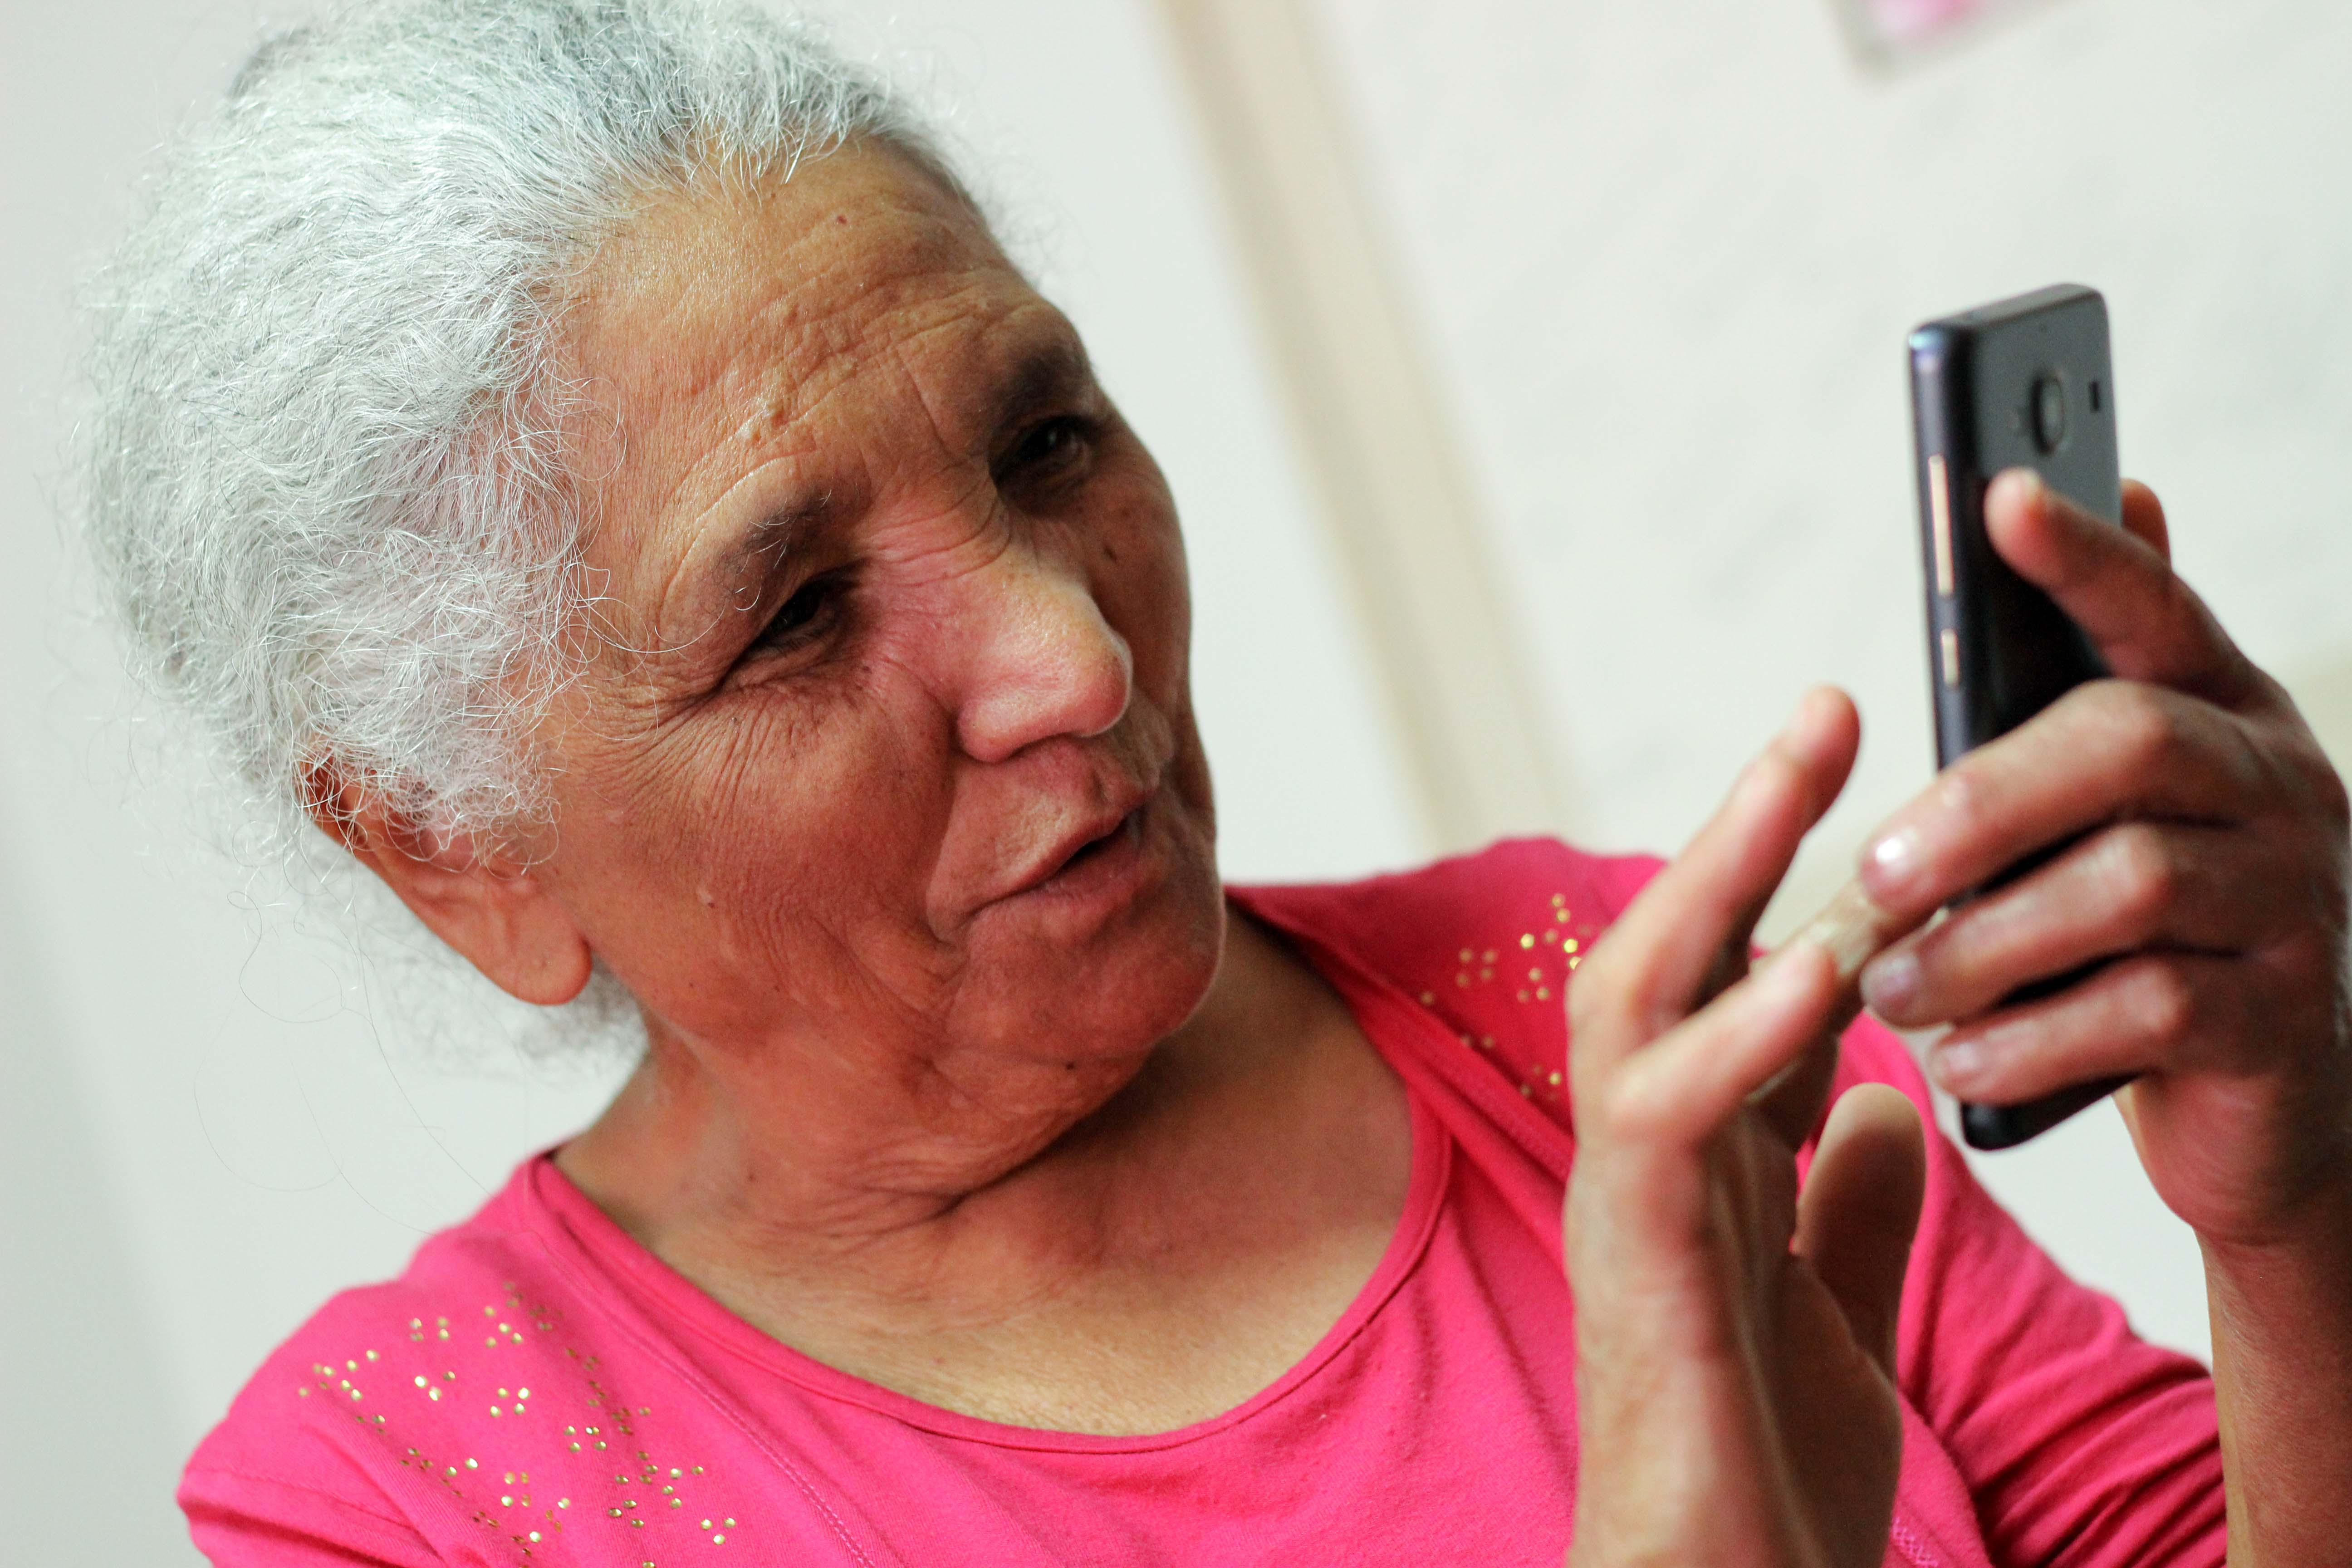 Descrição da imagem: foto de D. Maria tateando seu smartphone. Ela olha em direção ao aparelho em suas mãos.